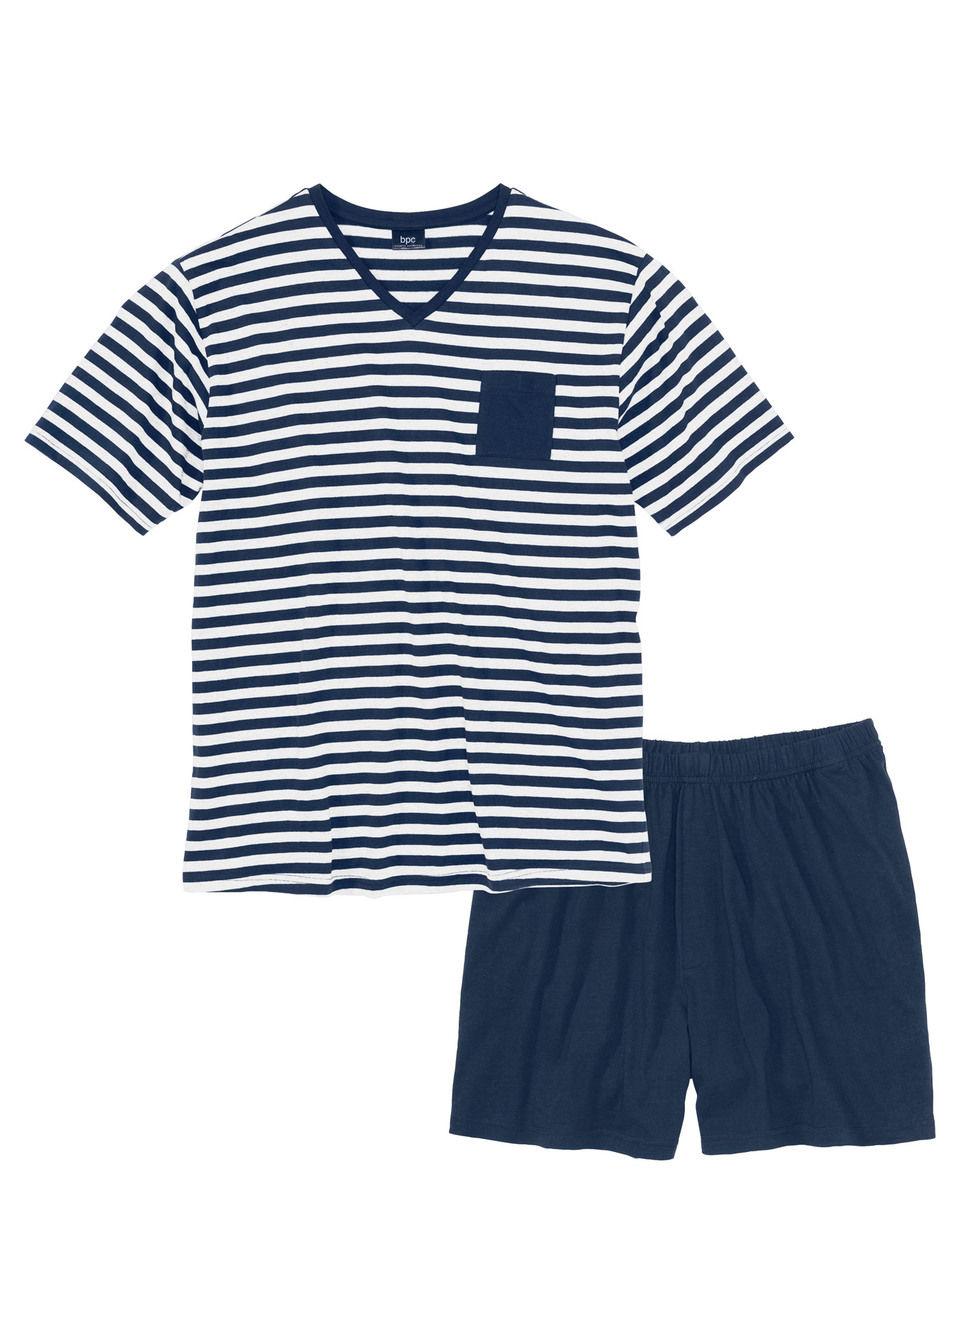 Купить Пижамы, Пижама с шортами, bonprix, темно-синий/белый в полоску